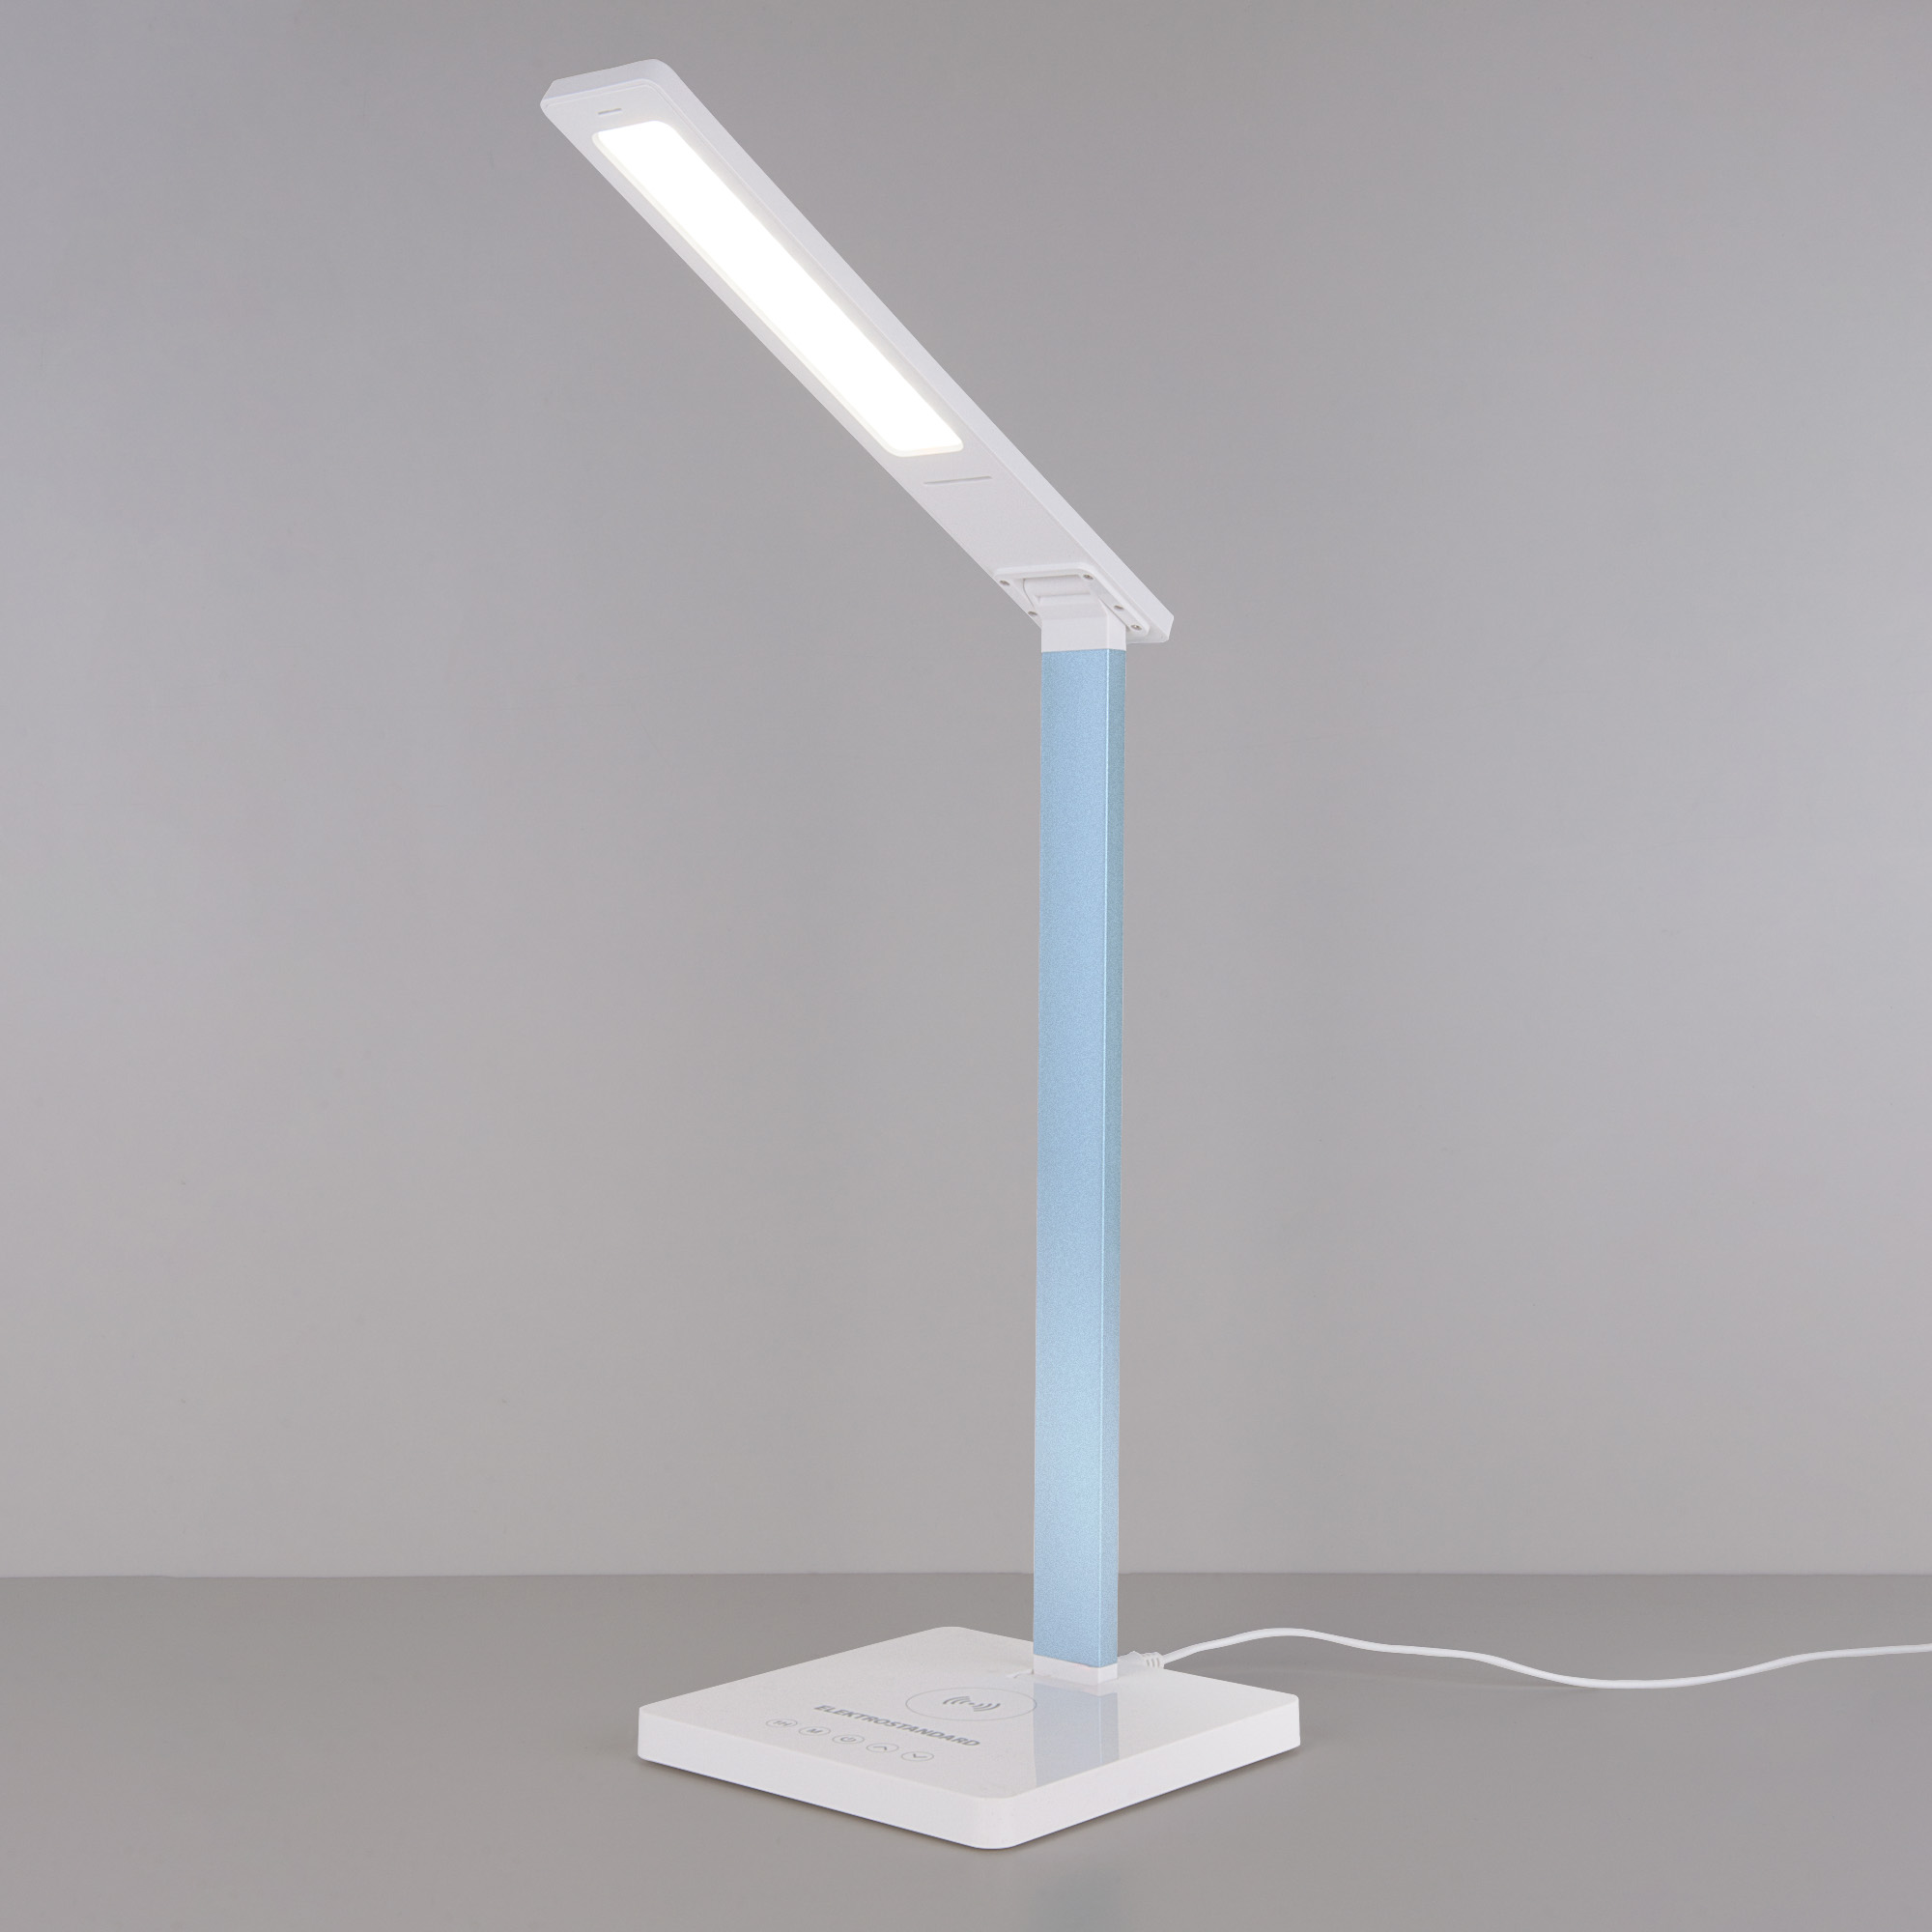 Настольная лампа с беспроводной зарядкой Lori белый/голубой (TL90510)